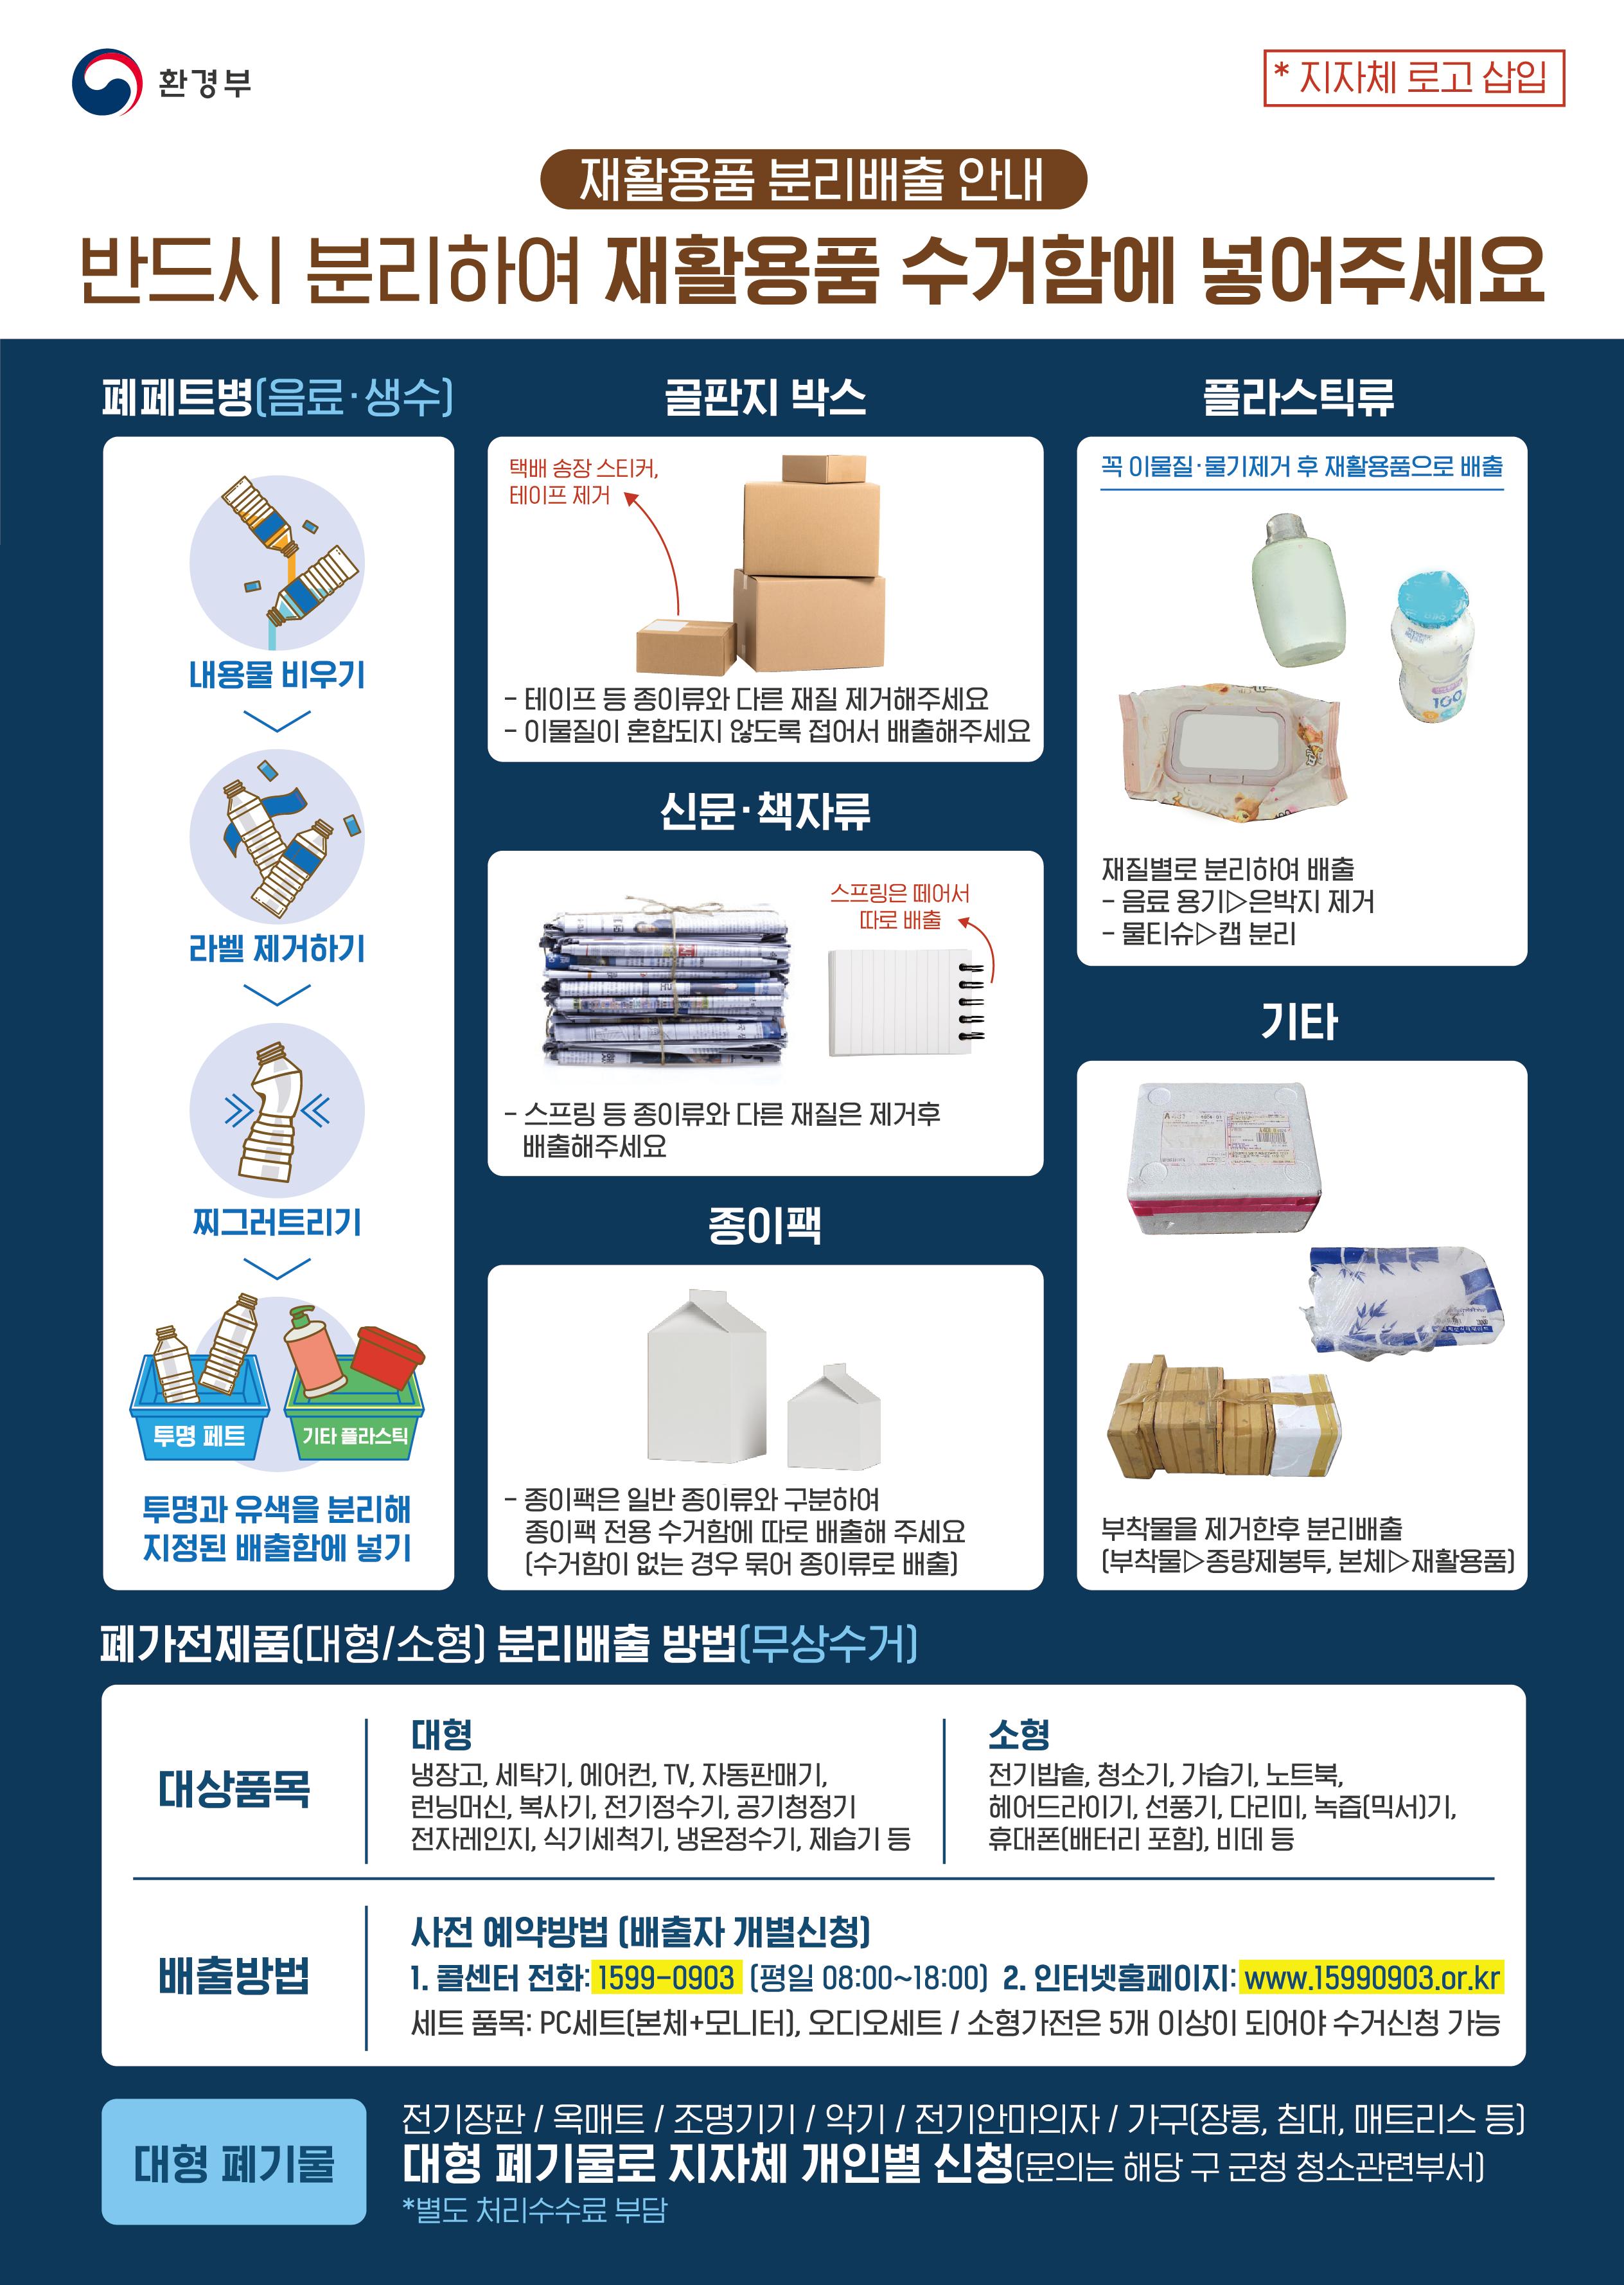 붙임 1. 올바른 분리배출 방법 안내서(재활용품수거함).png